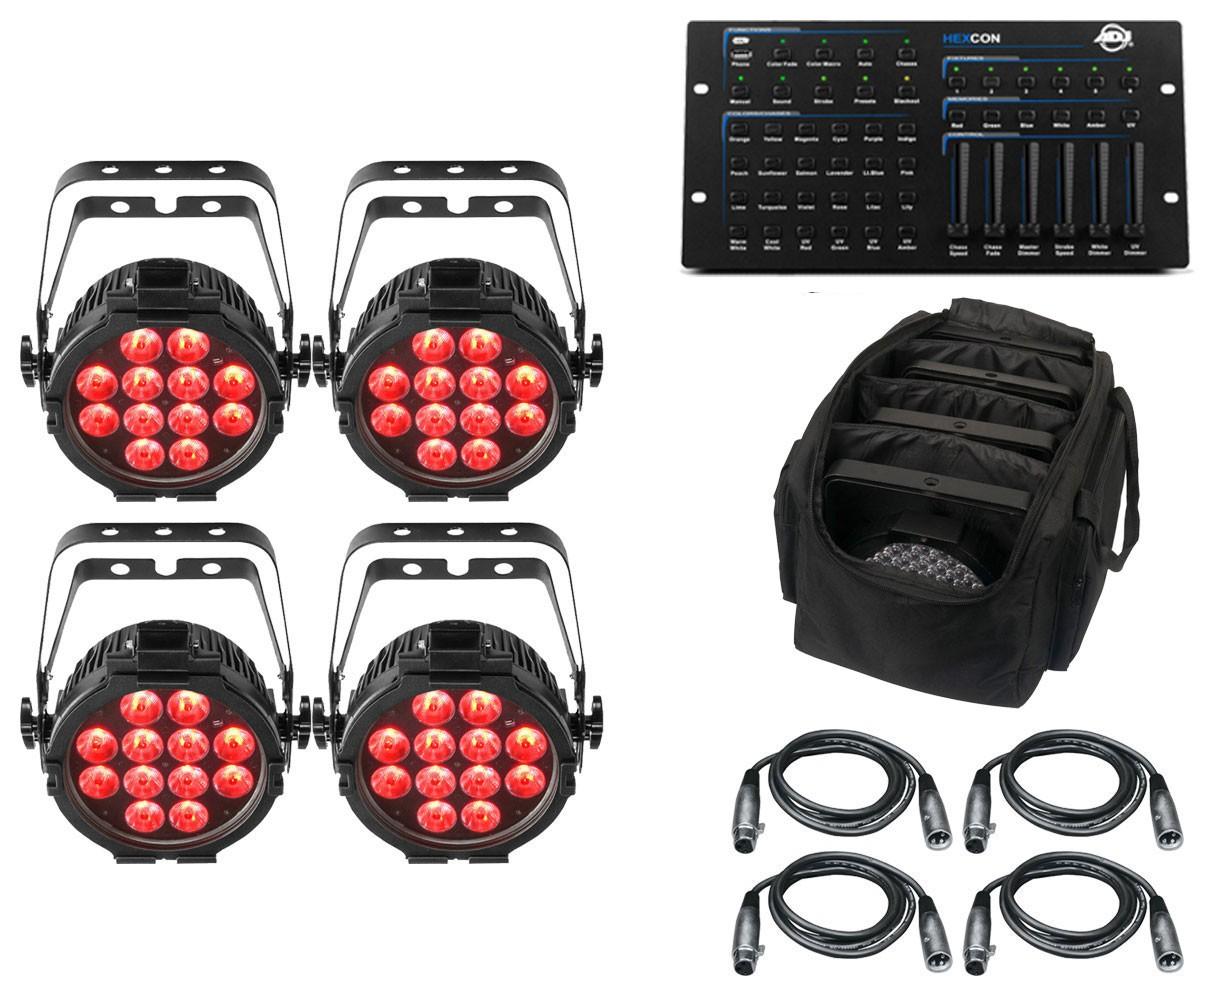 4x CHAUVET DJ SlimPAR Pro H USB + ADJ Hexcon + Bag + Cables